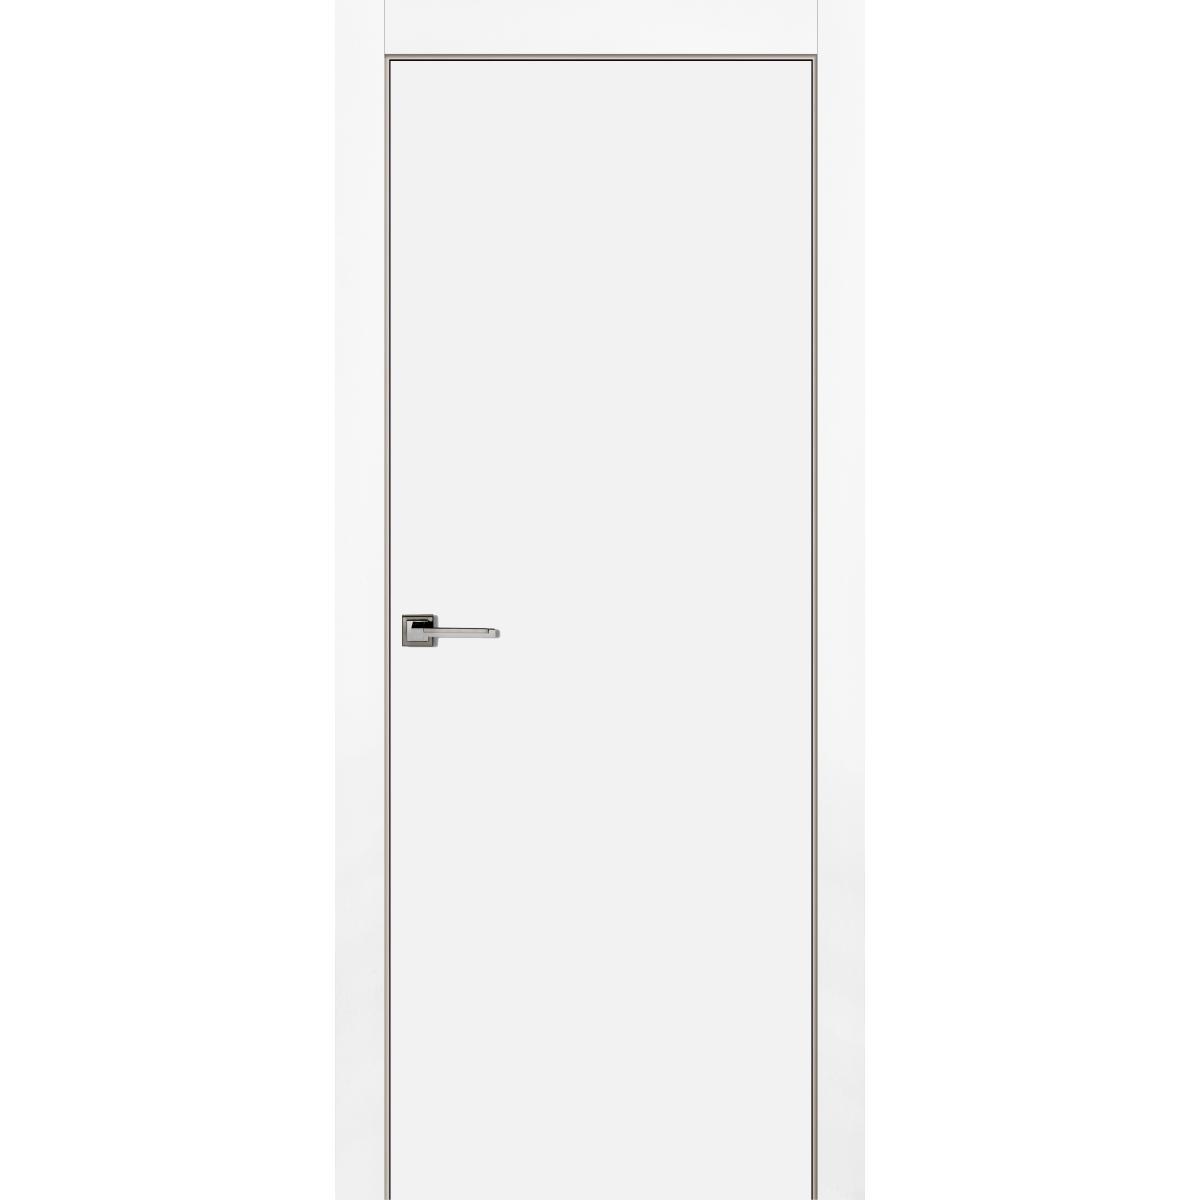 Дверь Межкомнатная Глухая С Замком В Комплекте 60x200 Эмаль Цвет Белый